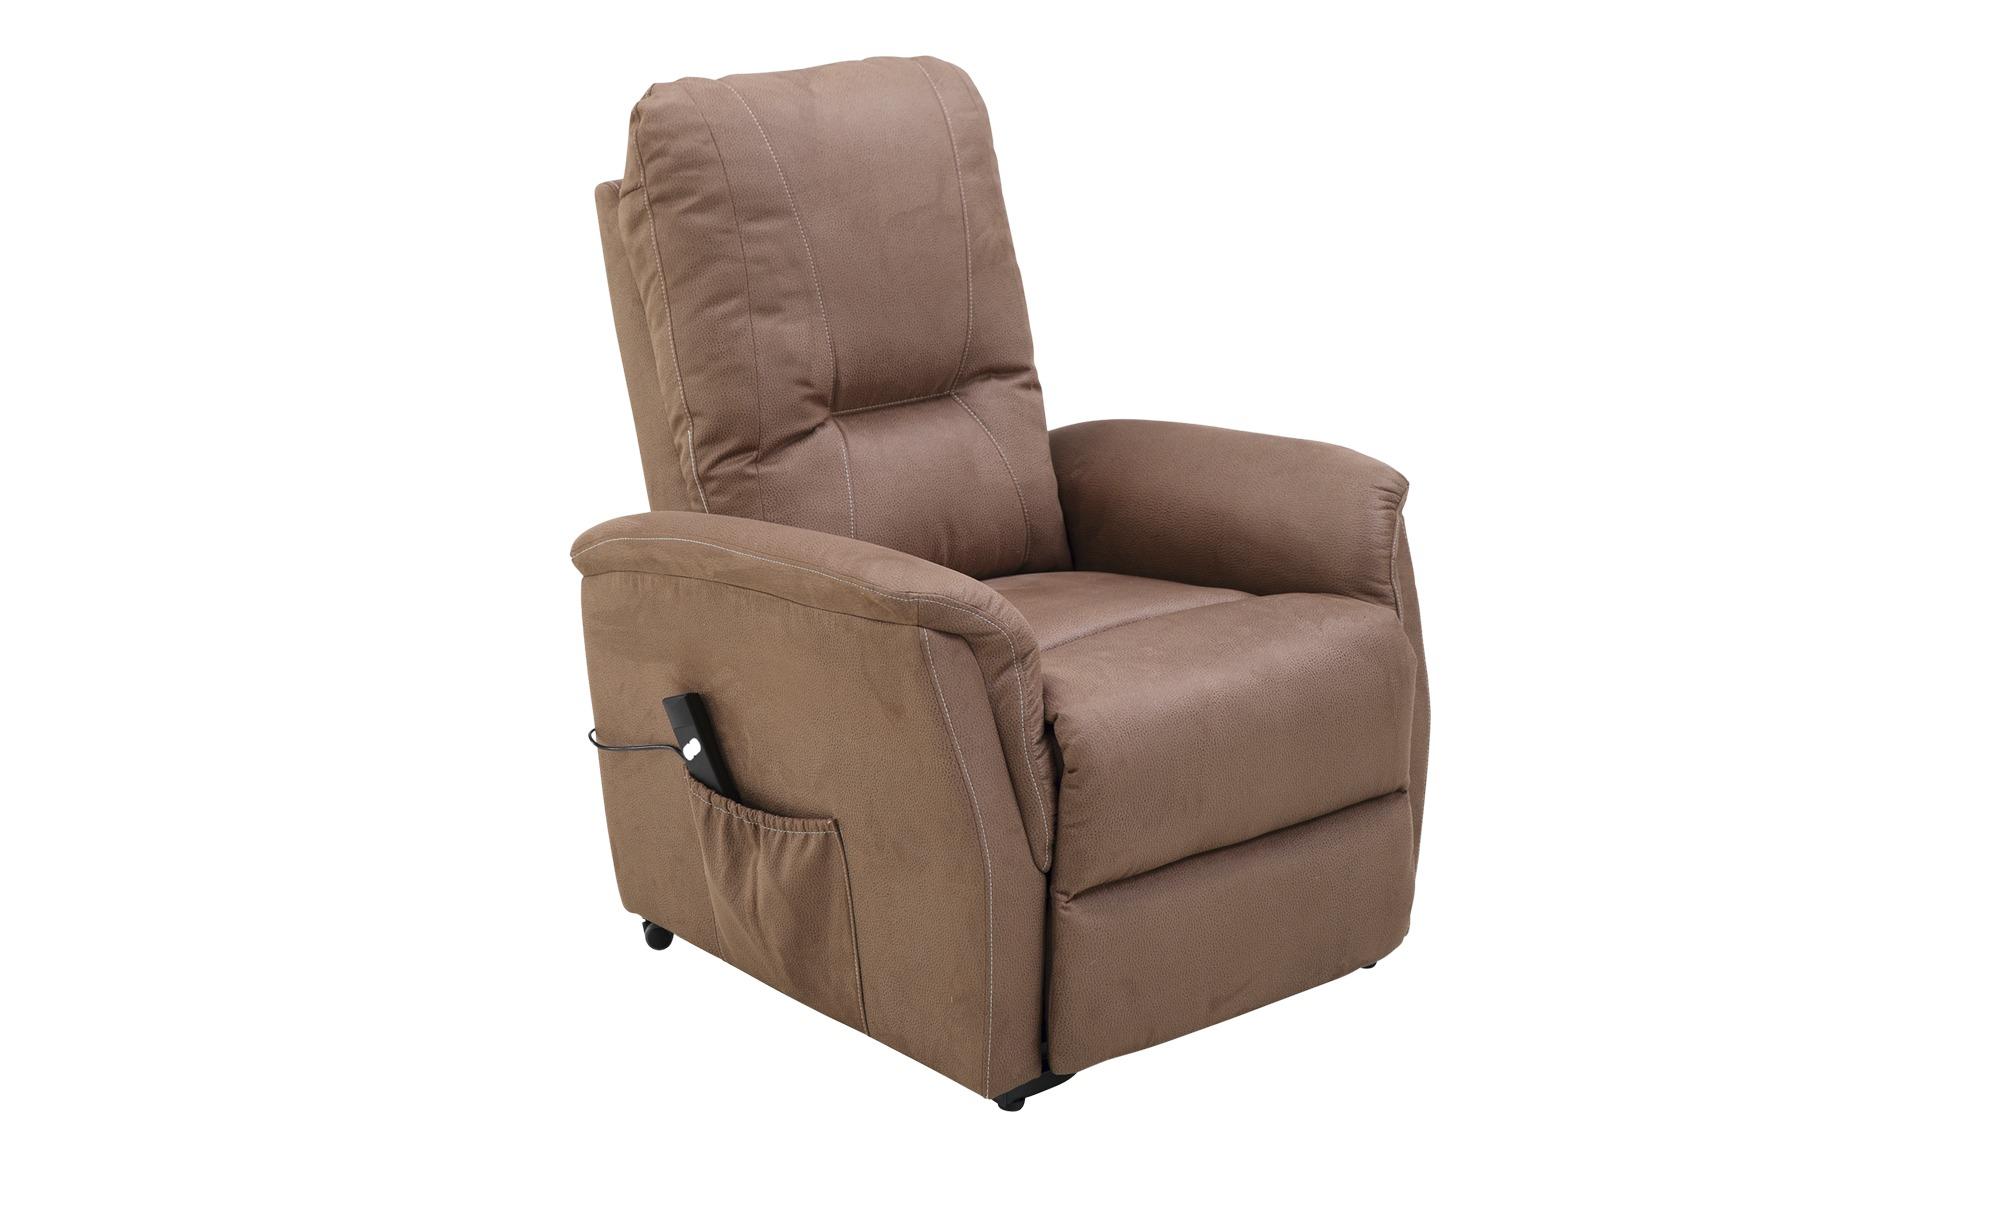 TV-Sessel  Giorgia ¦ braun ¦ Maße (cm): B: 85 H: 106 T: 95 Polstermöbel > Sessel > Fernsehsessel - Höffner